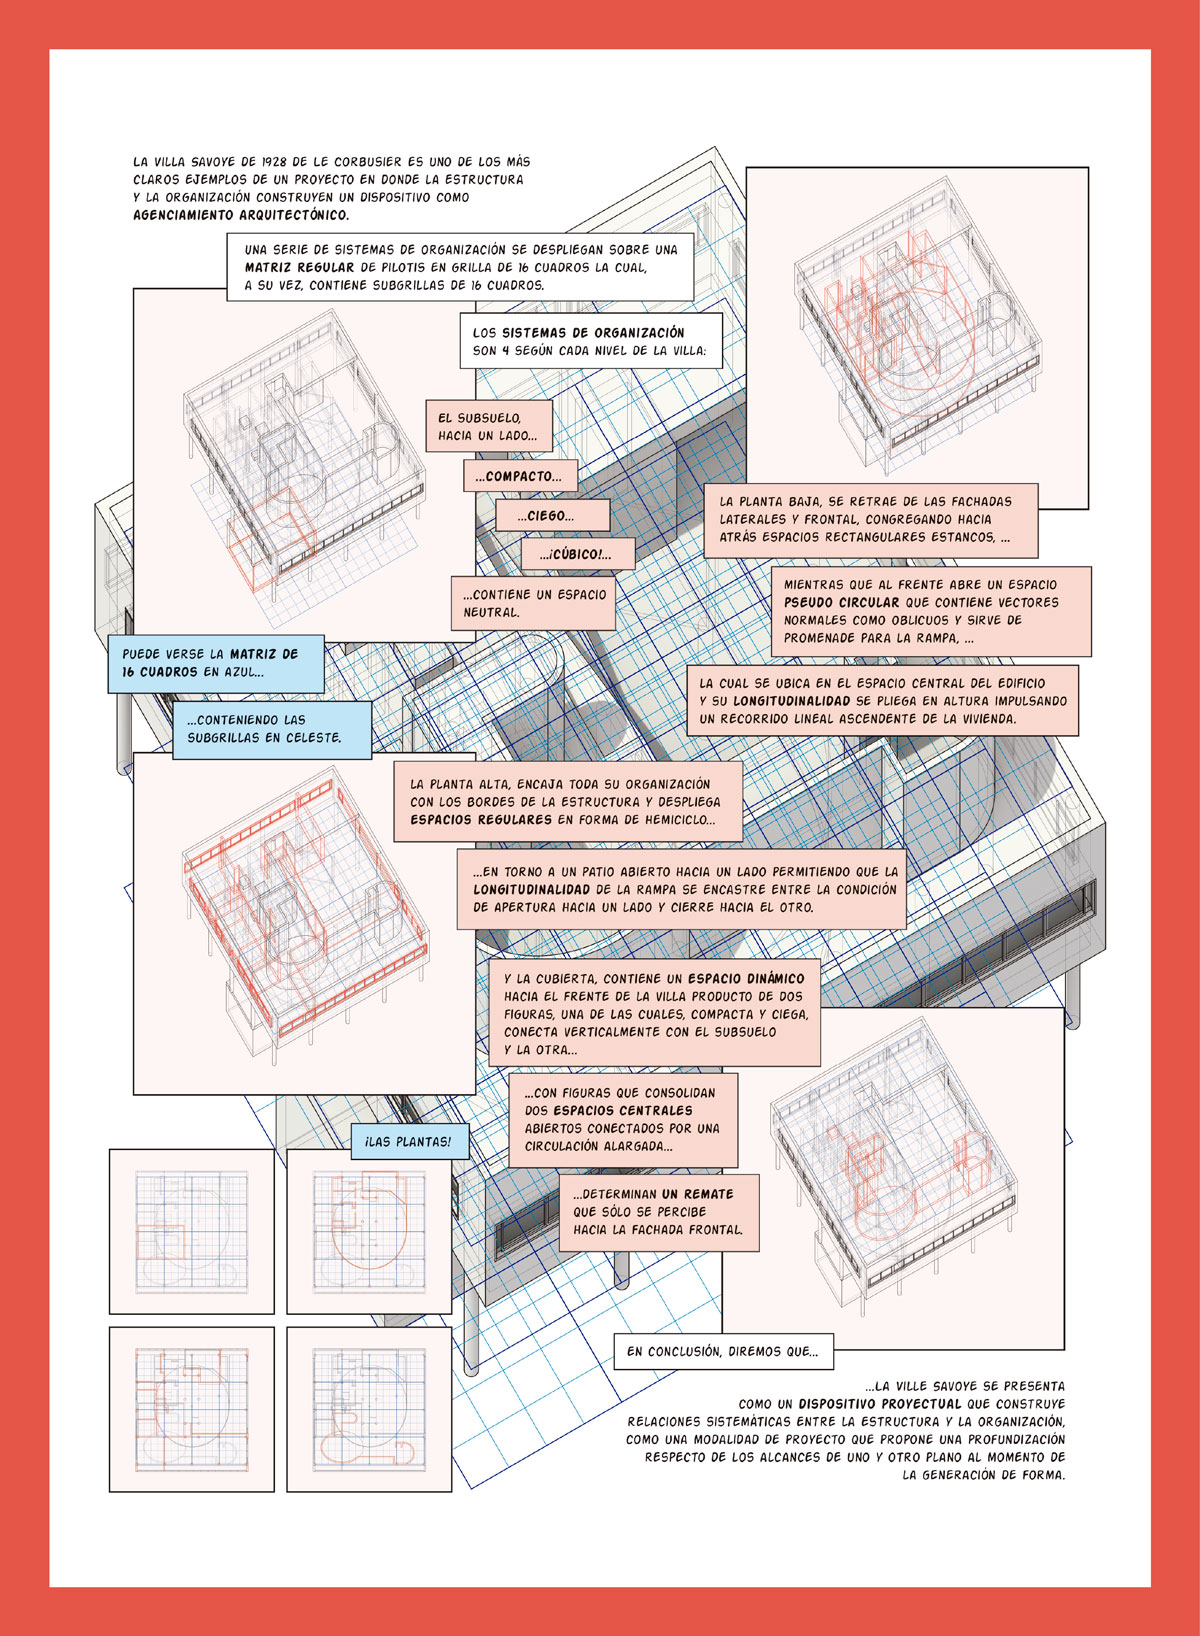 Cómic de la Villa Savoye, en el que se espacializan en simultáneo los diversos sistemas que constituyen el agenciamiento proyectual del proyecto entre estructura y organización.